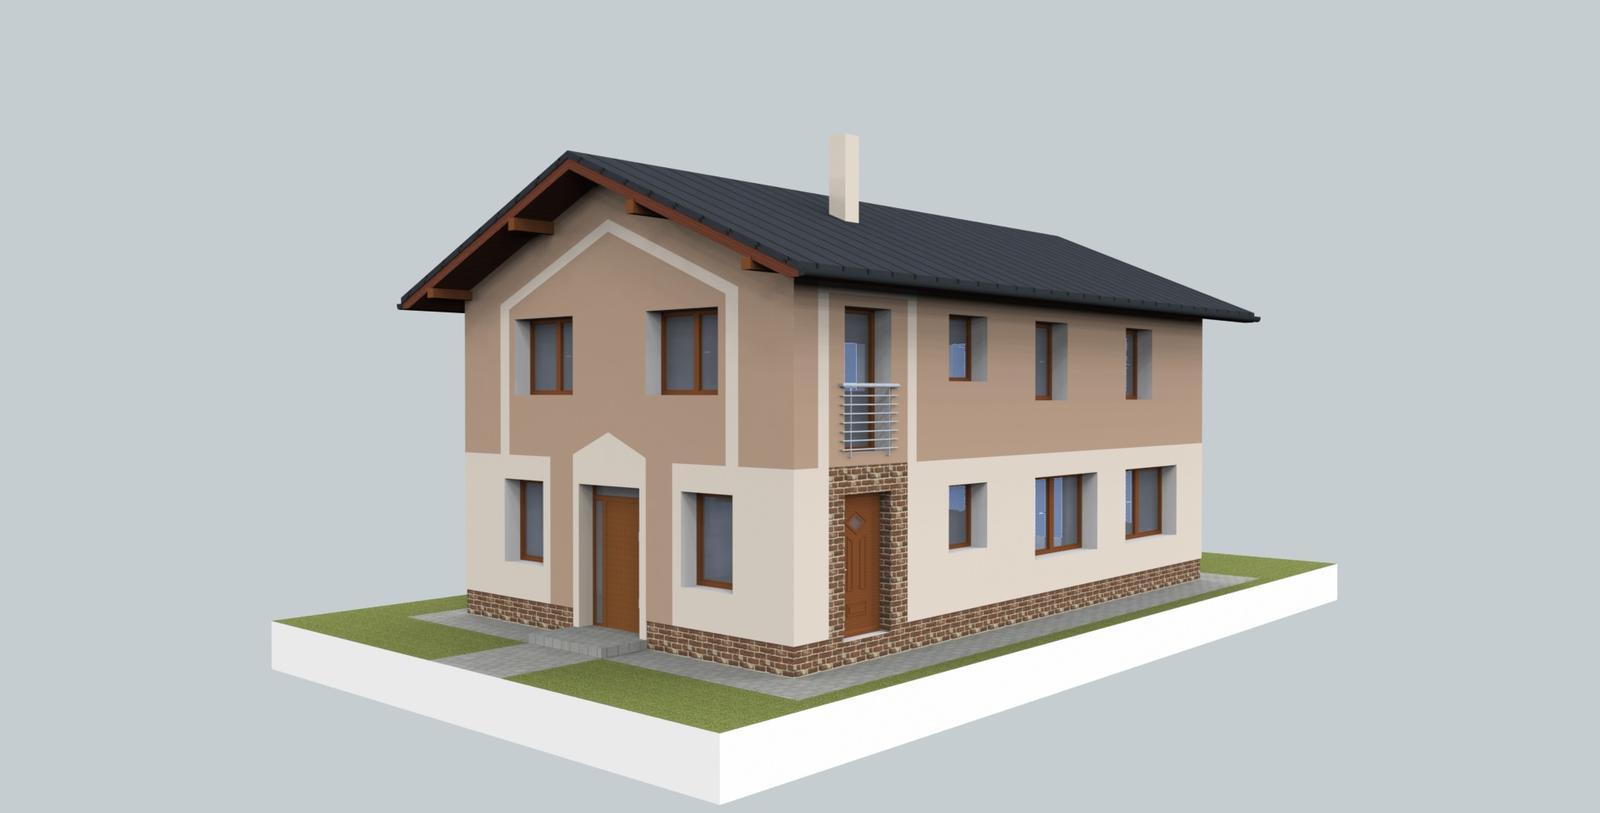 Prebiehajuce projekty - Jeden z návrhov fasády poskytnutý na výber investorovi.